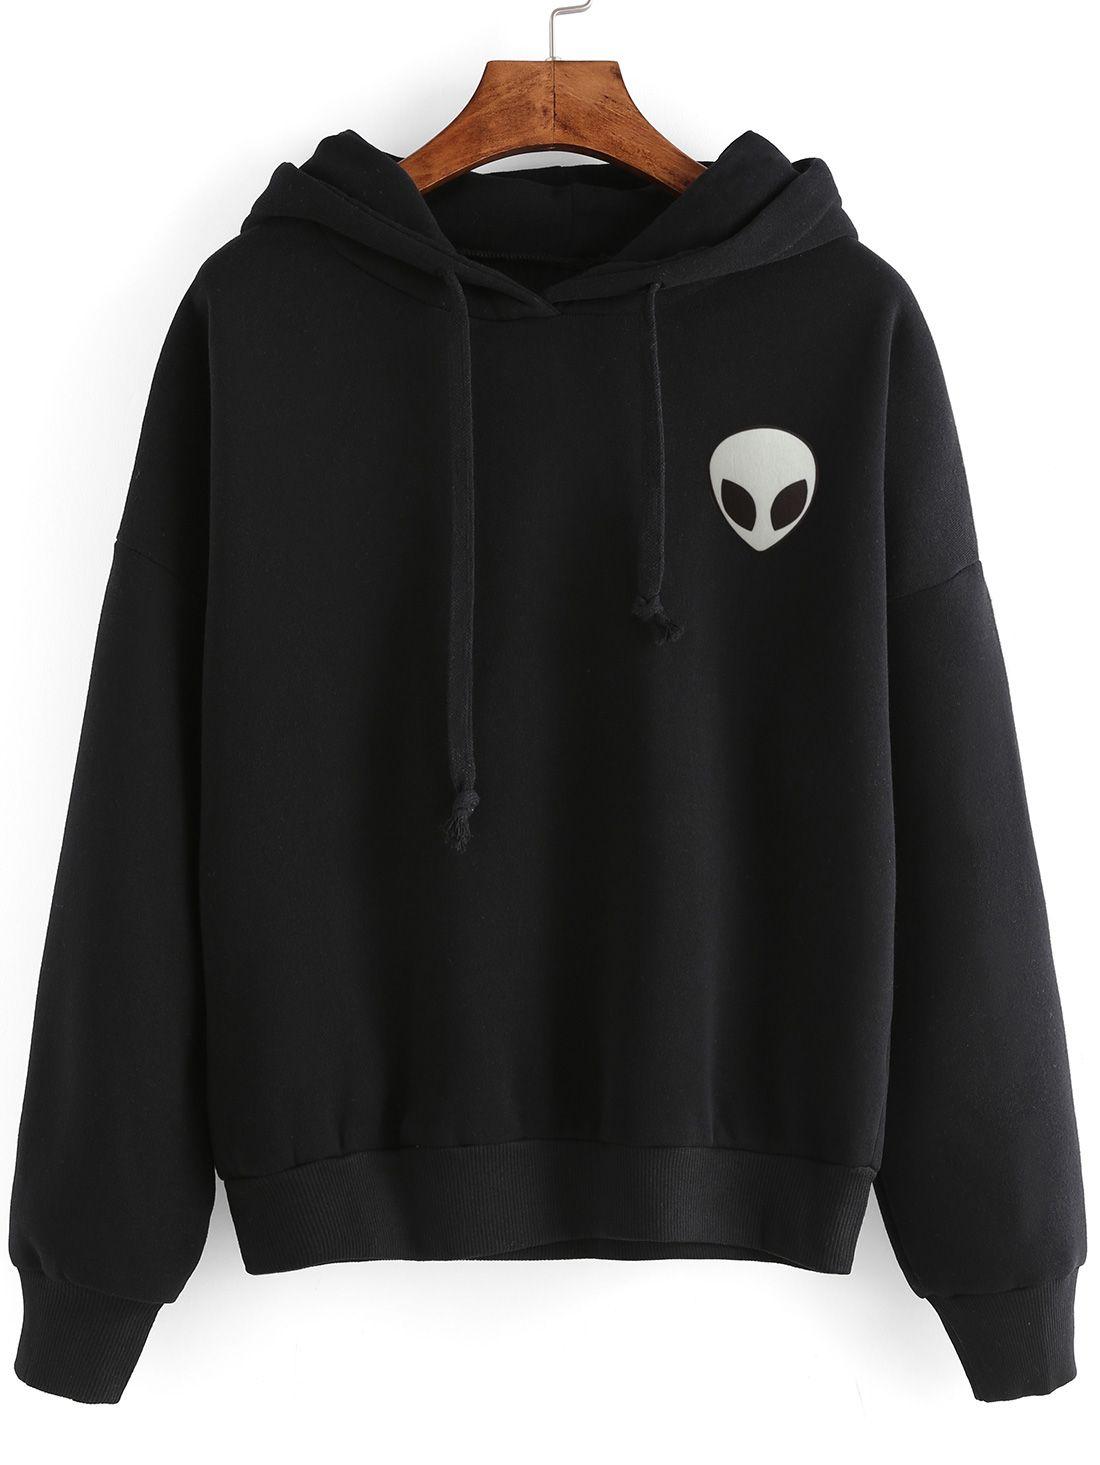 Alien Print Hooded Sweatshirt